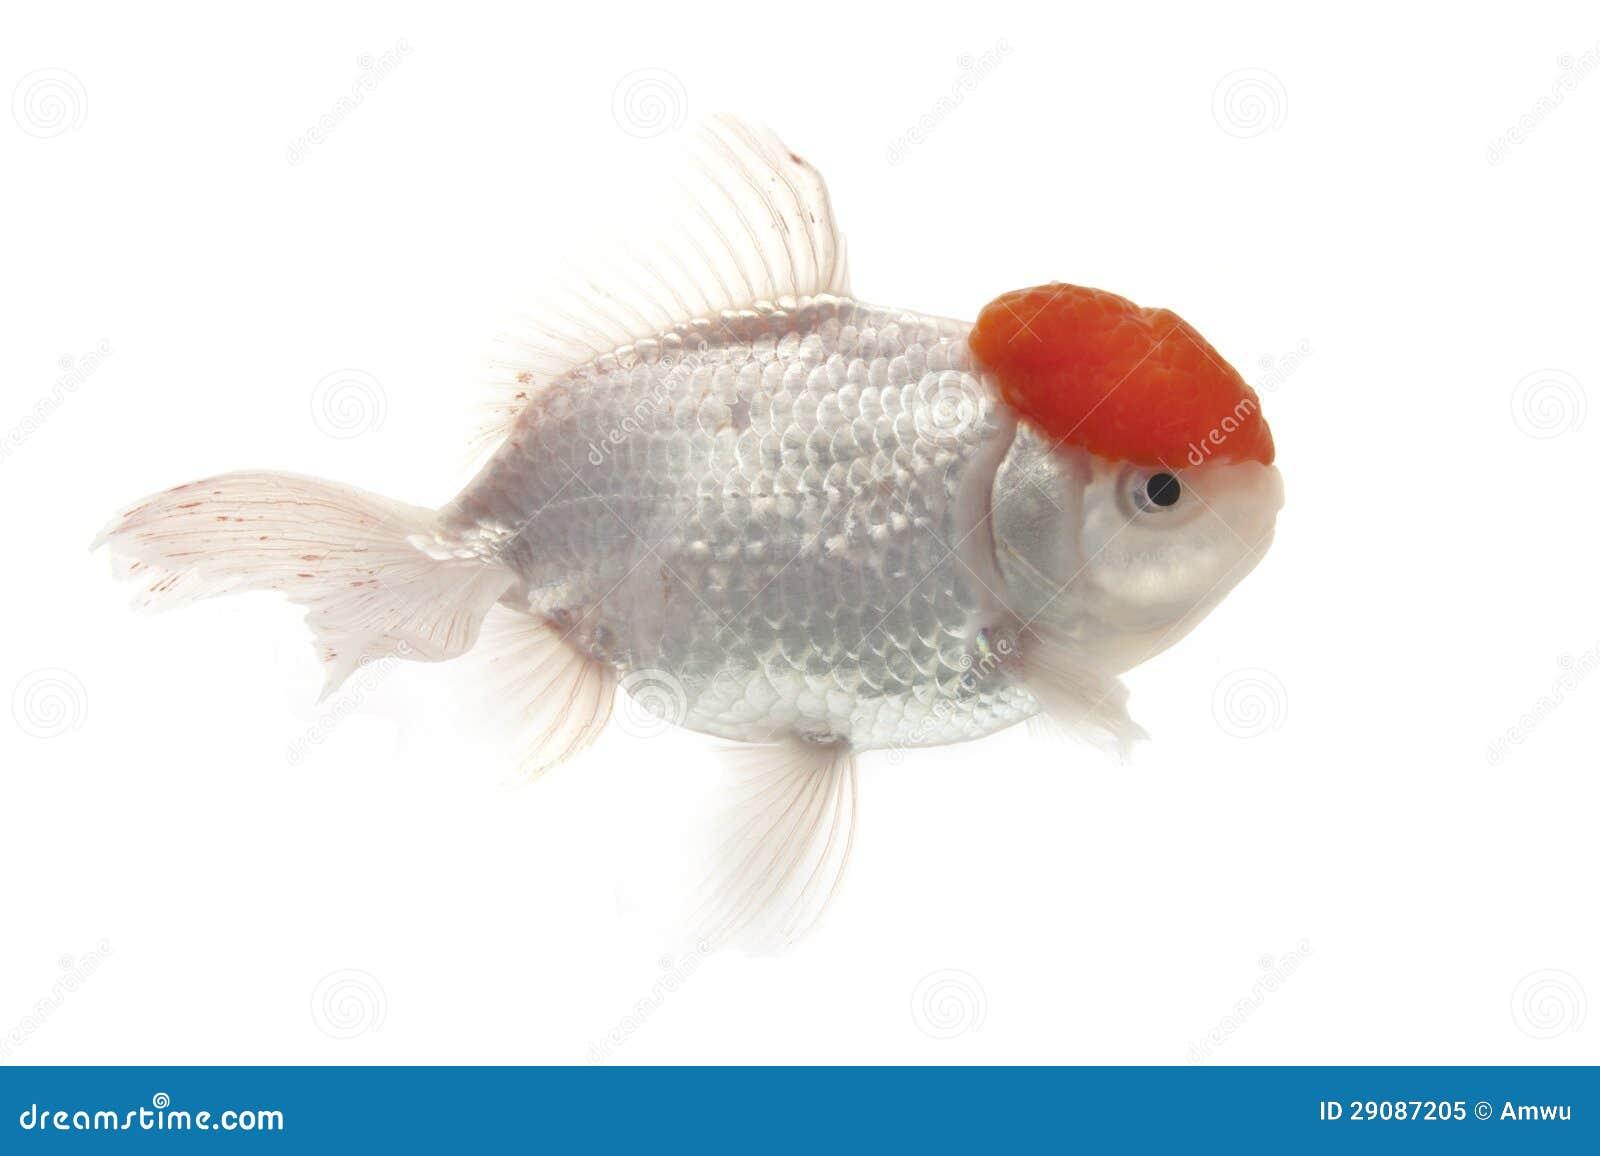 Pesce rosso rosso e bianco immagine stock immagine di for Pesce rosso butterfly